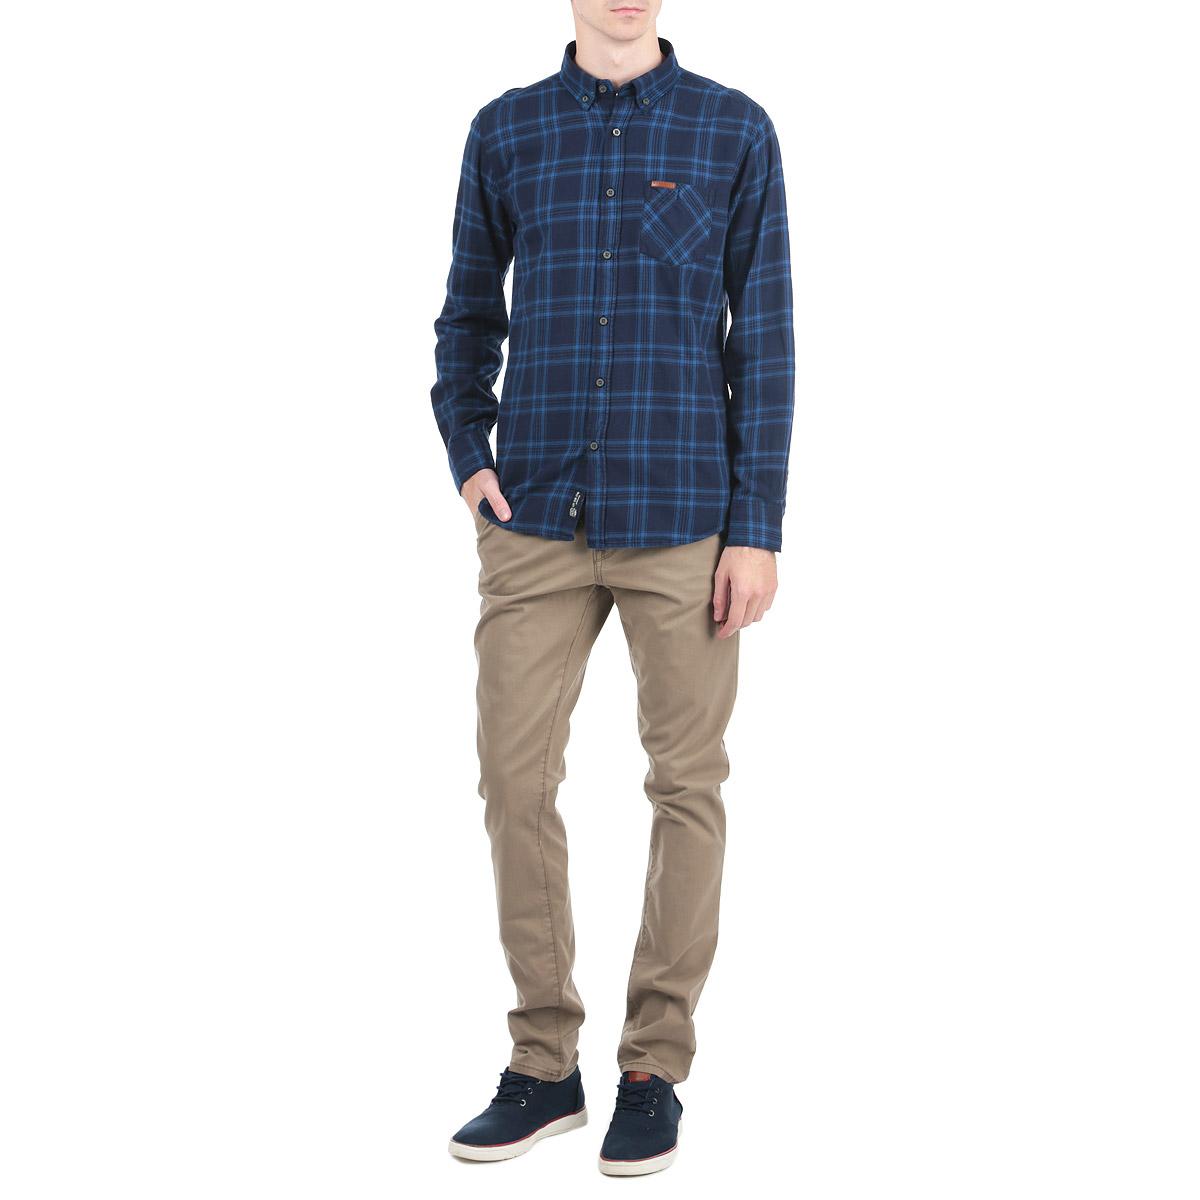 Рубашка мужская. 1015305710153057_388Стильная рубашка Broadway с длинными рукавами, отложным воротником и застежкой на пуговицы приятная на ощупь, не сковывает движения, обеспечивая наибольший комфорт. Рубашка, выполненная из хлопка, обладает высокой воздухопроницаемостью и гигроскопичностью, позволяет коже дышать, тем самым обеспечивая наибольший комфорт при носке даже самым жарким летом. Модель оформлена ярким клетчатым принтом и накладным карман, застегивающимся на пуговицу. Эта модная и удобная рубашка послужит замечательным дополнением к вашему гардеробу.